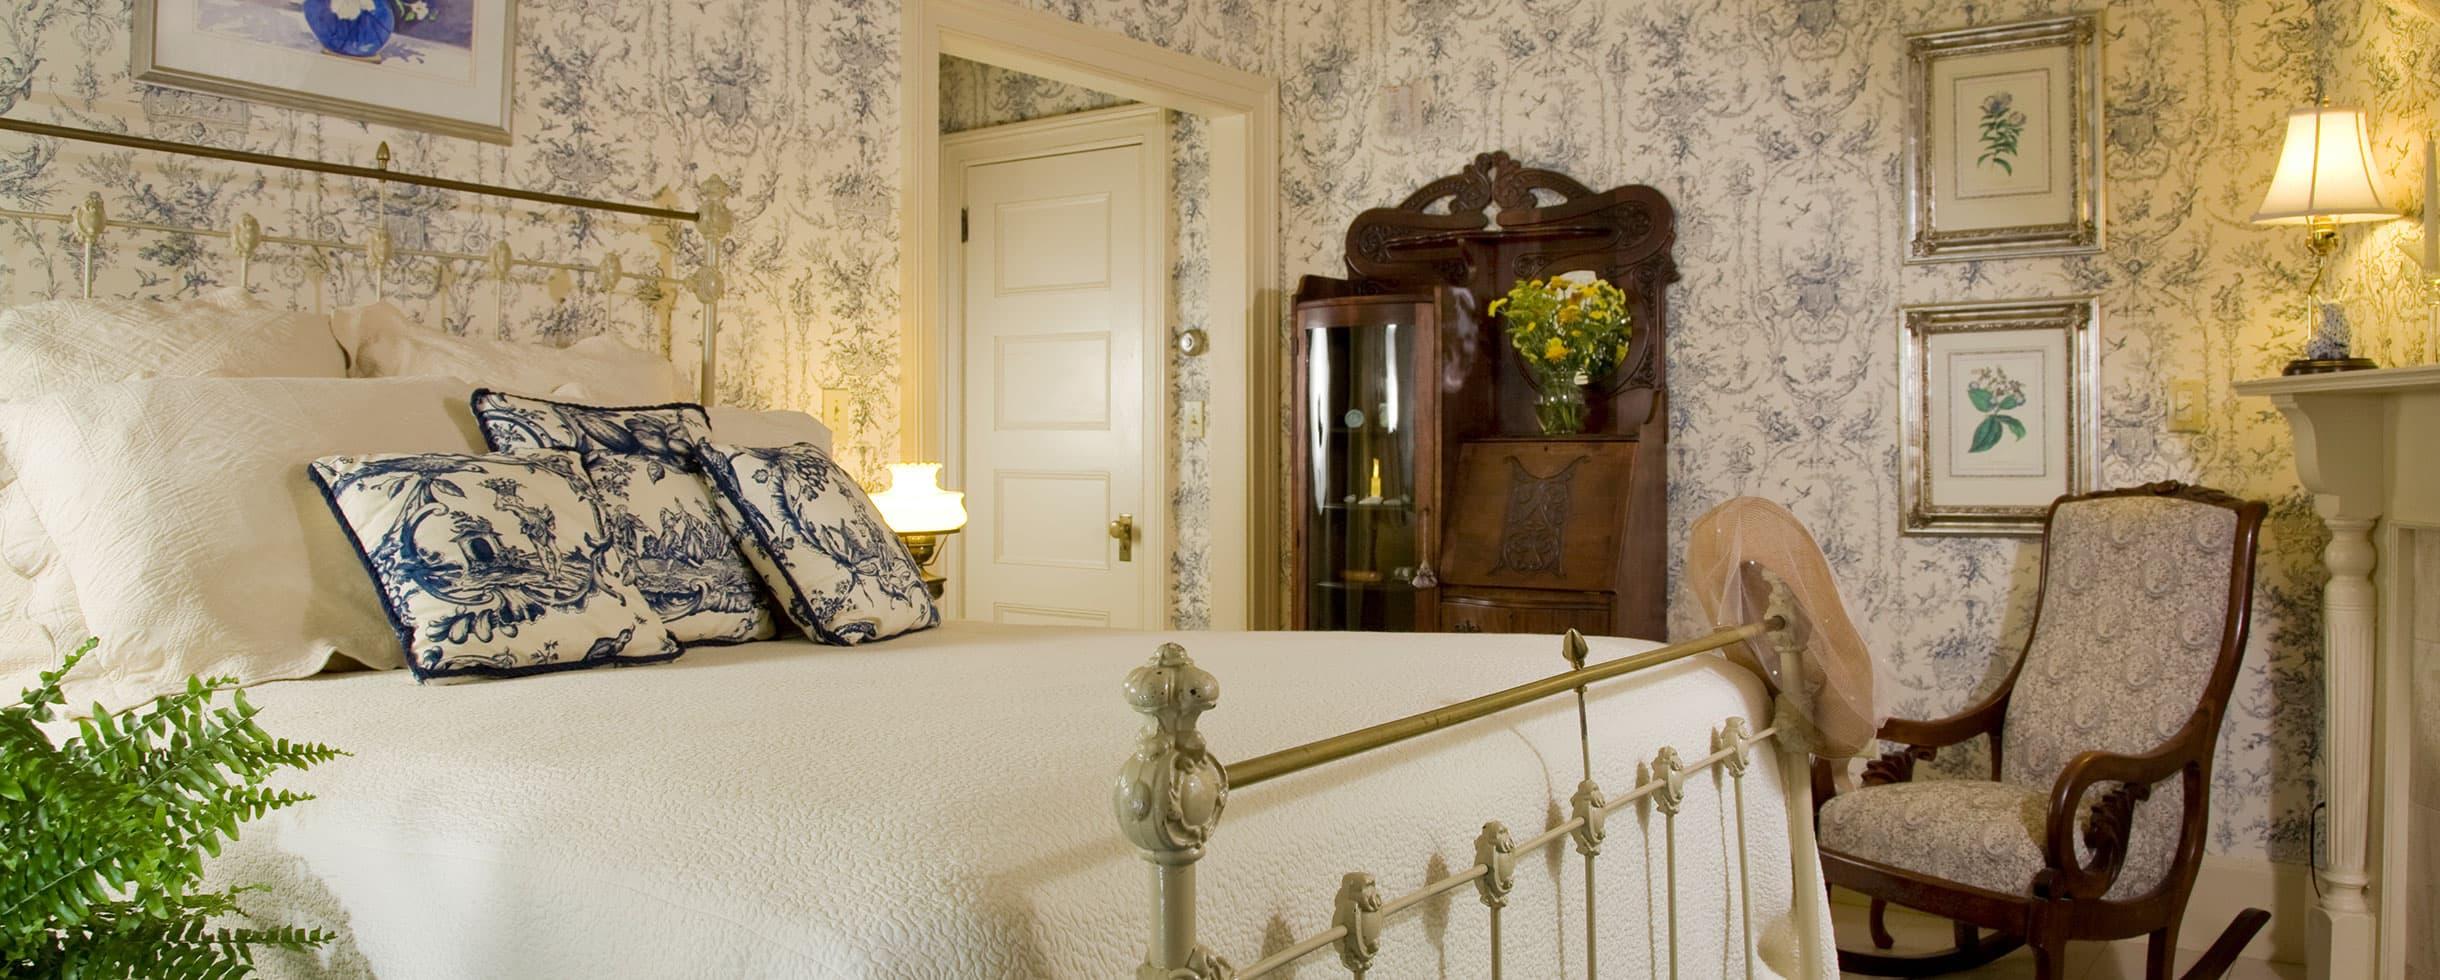 Romantic bedroom in Room 7